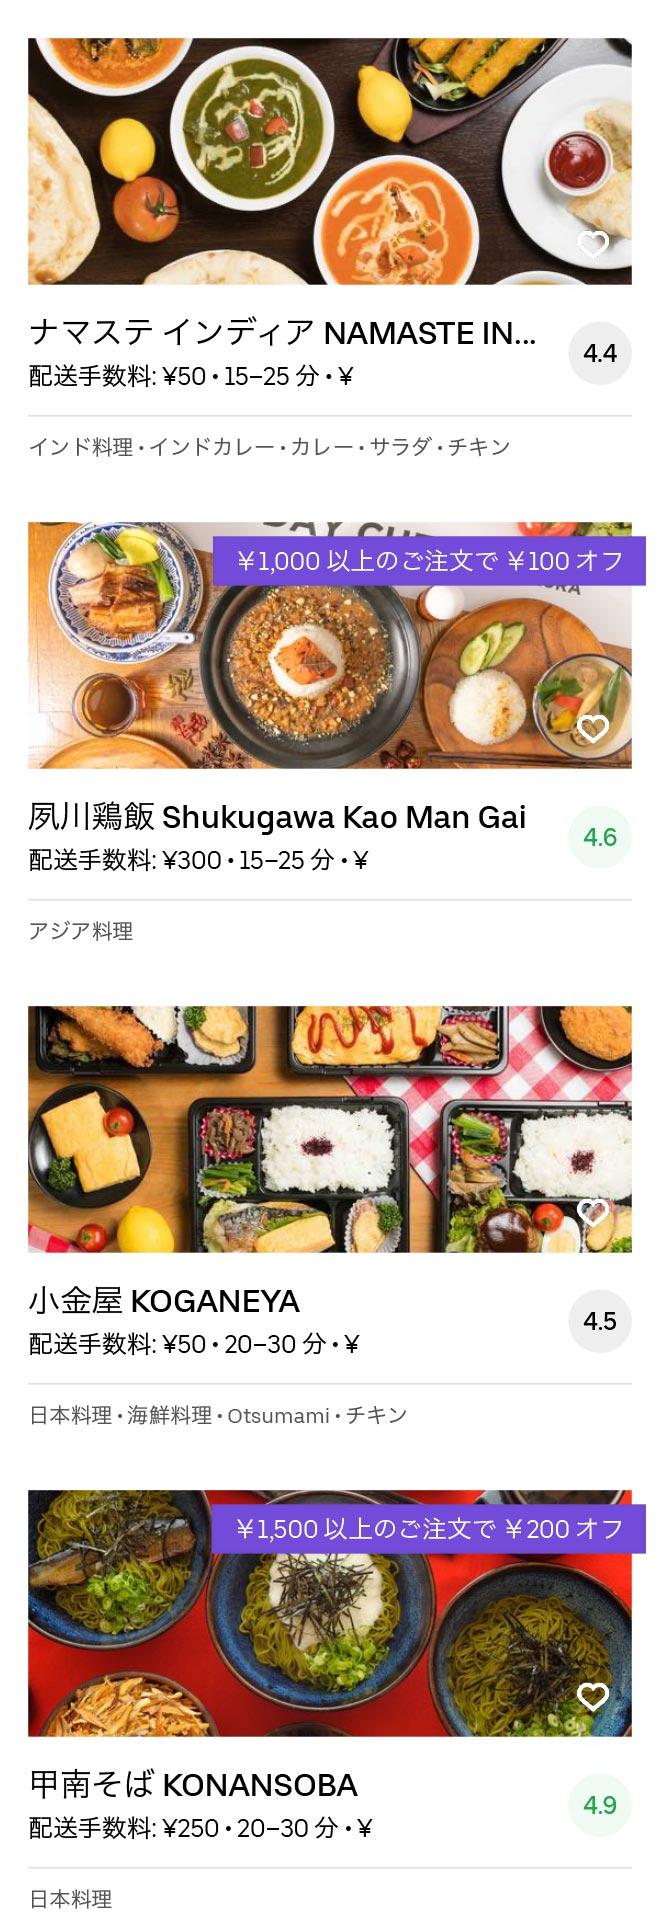 Hyogo ashiya menu 2005 12